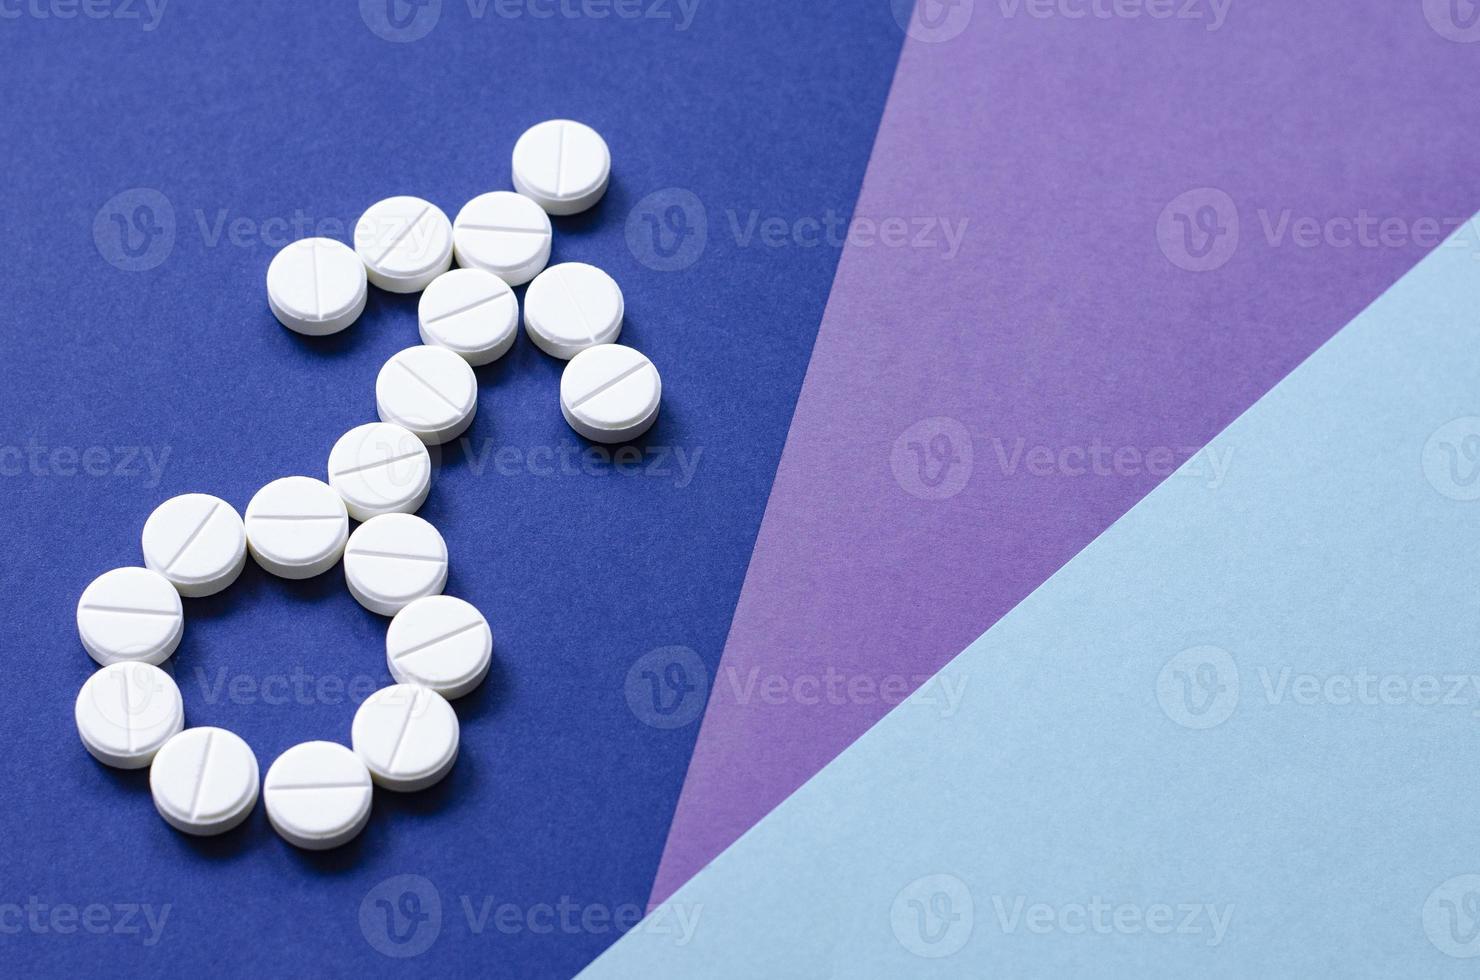 tecken på en man från piller. problem foto